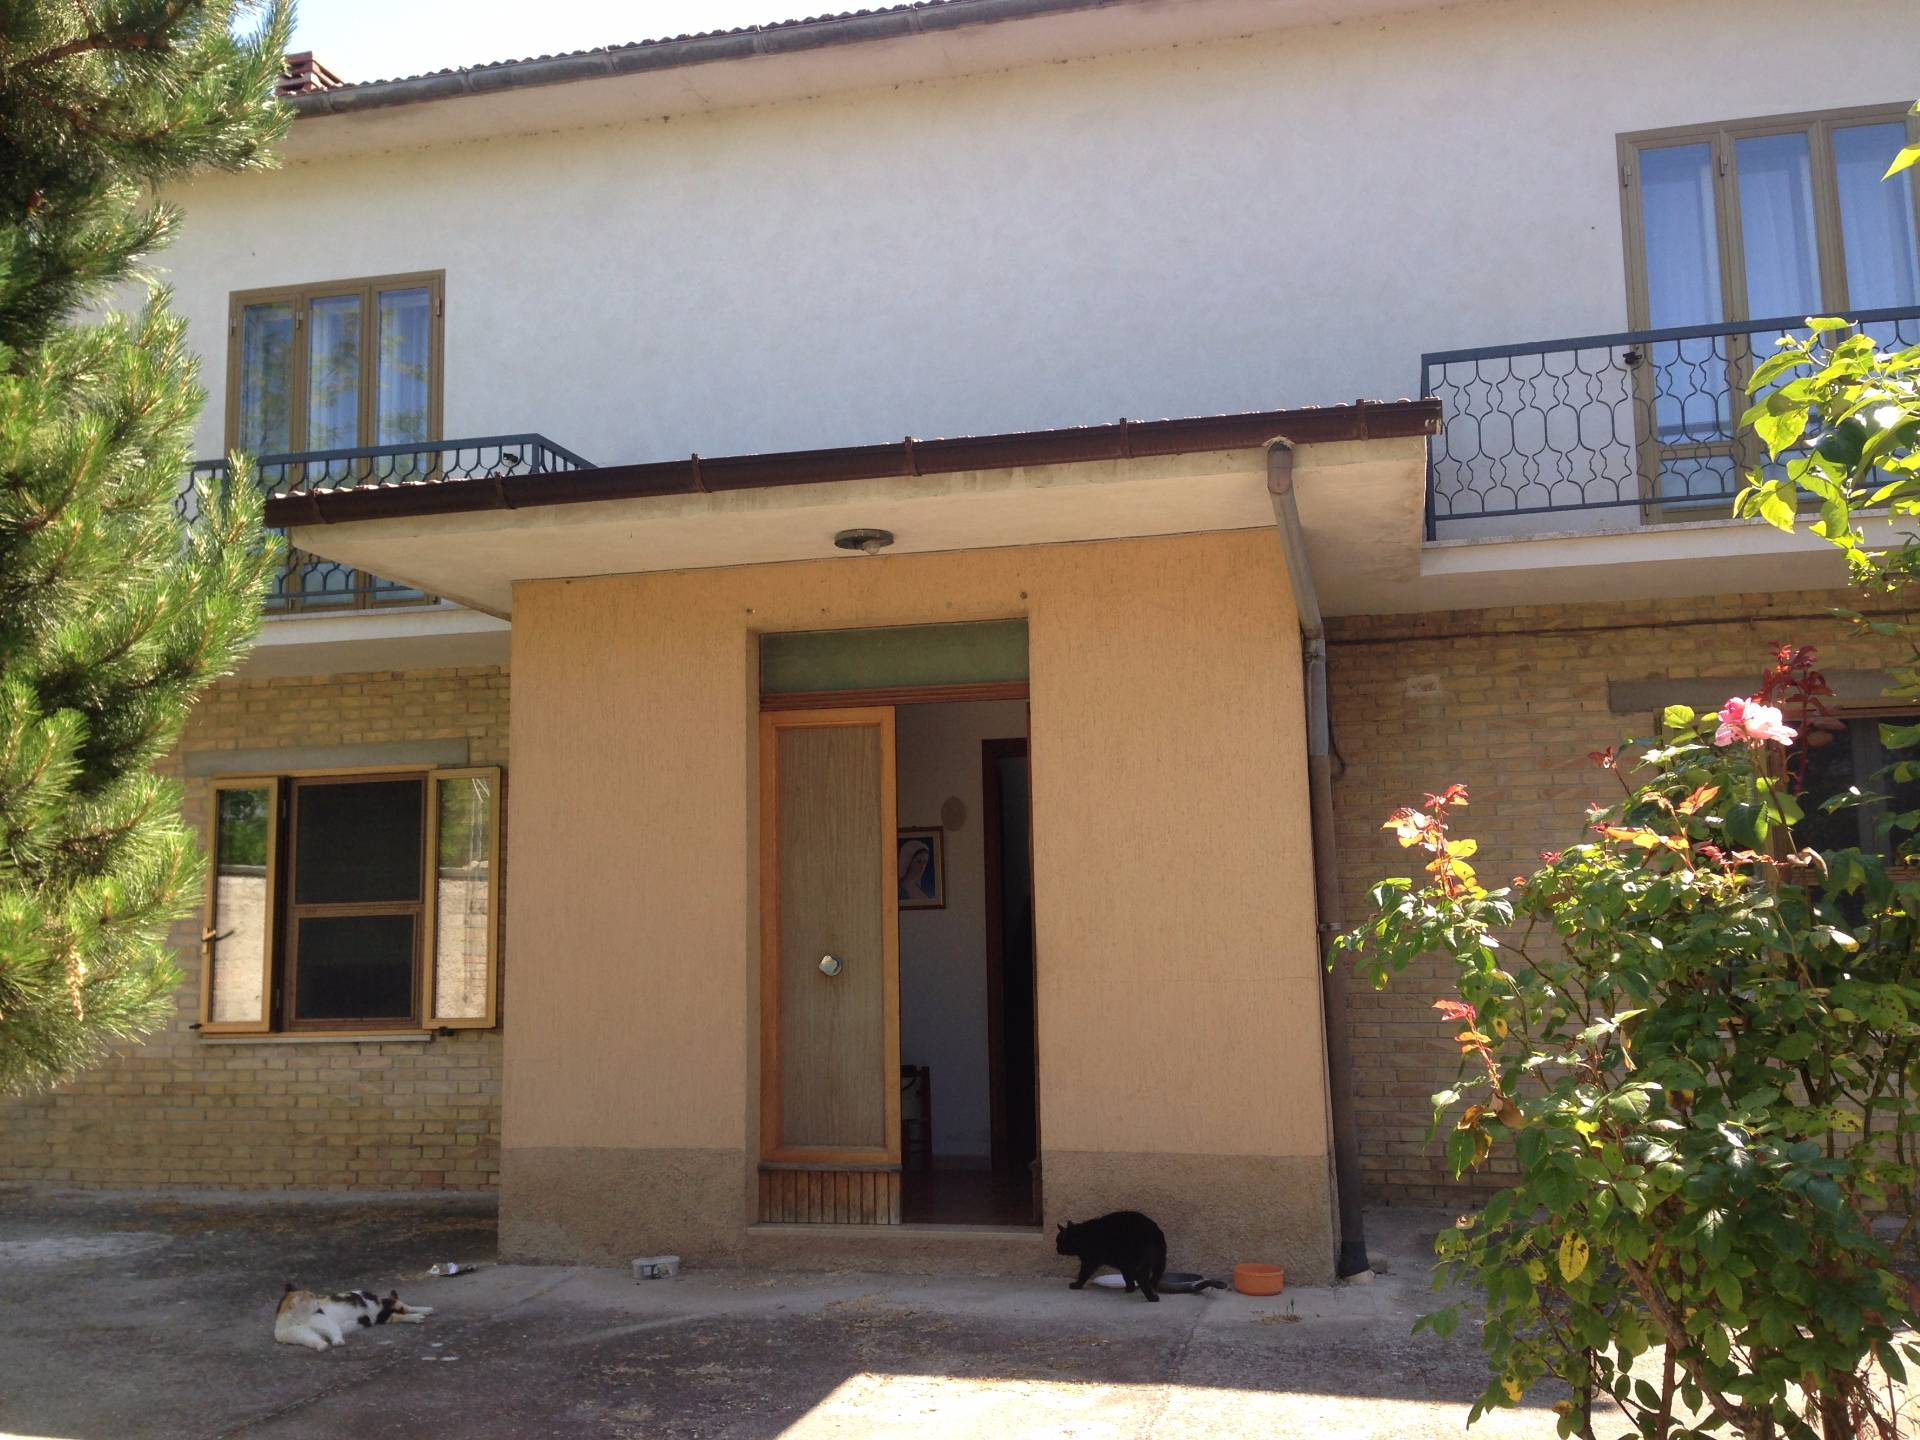 Soluzione Indipendente in vendita a Falerone, 5 locali, prezzo € 80.000 | CambioCasa.it